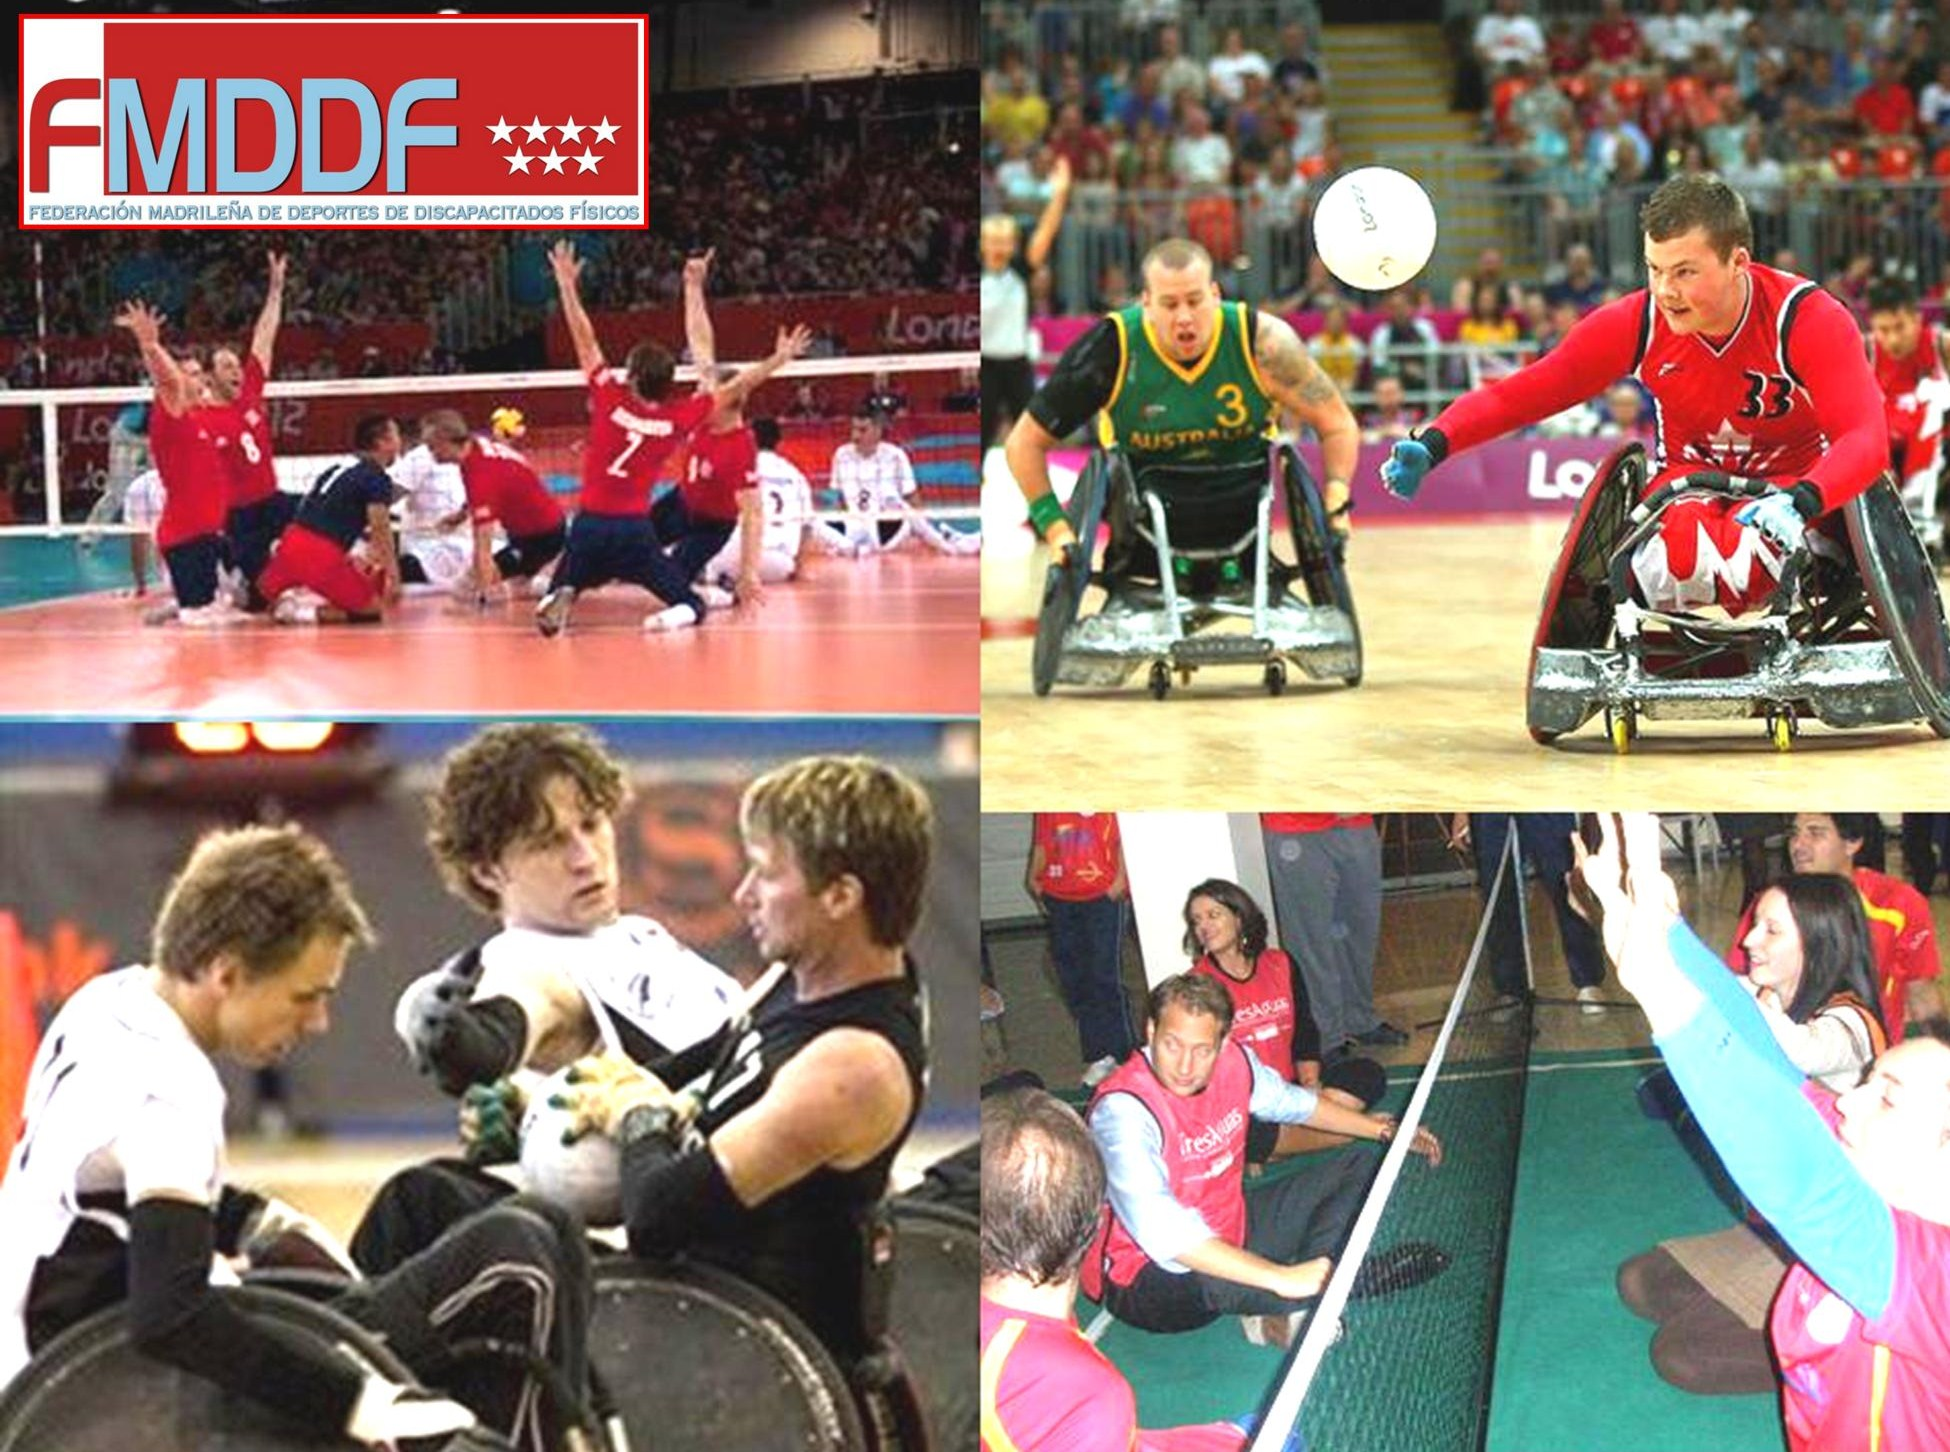 La FMDDF añade dos nuevas disciplinas deportivas a la oferta abierta a nuestros deportistas: Rugby en silla y Sitting Volley